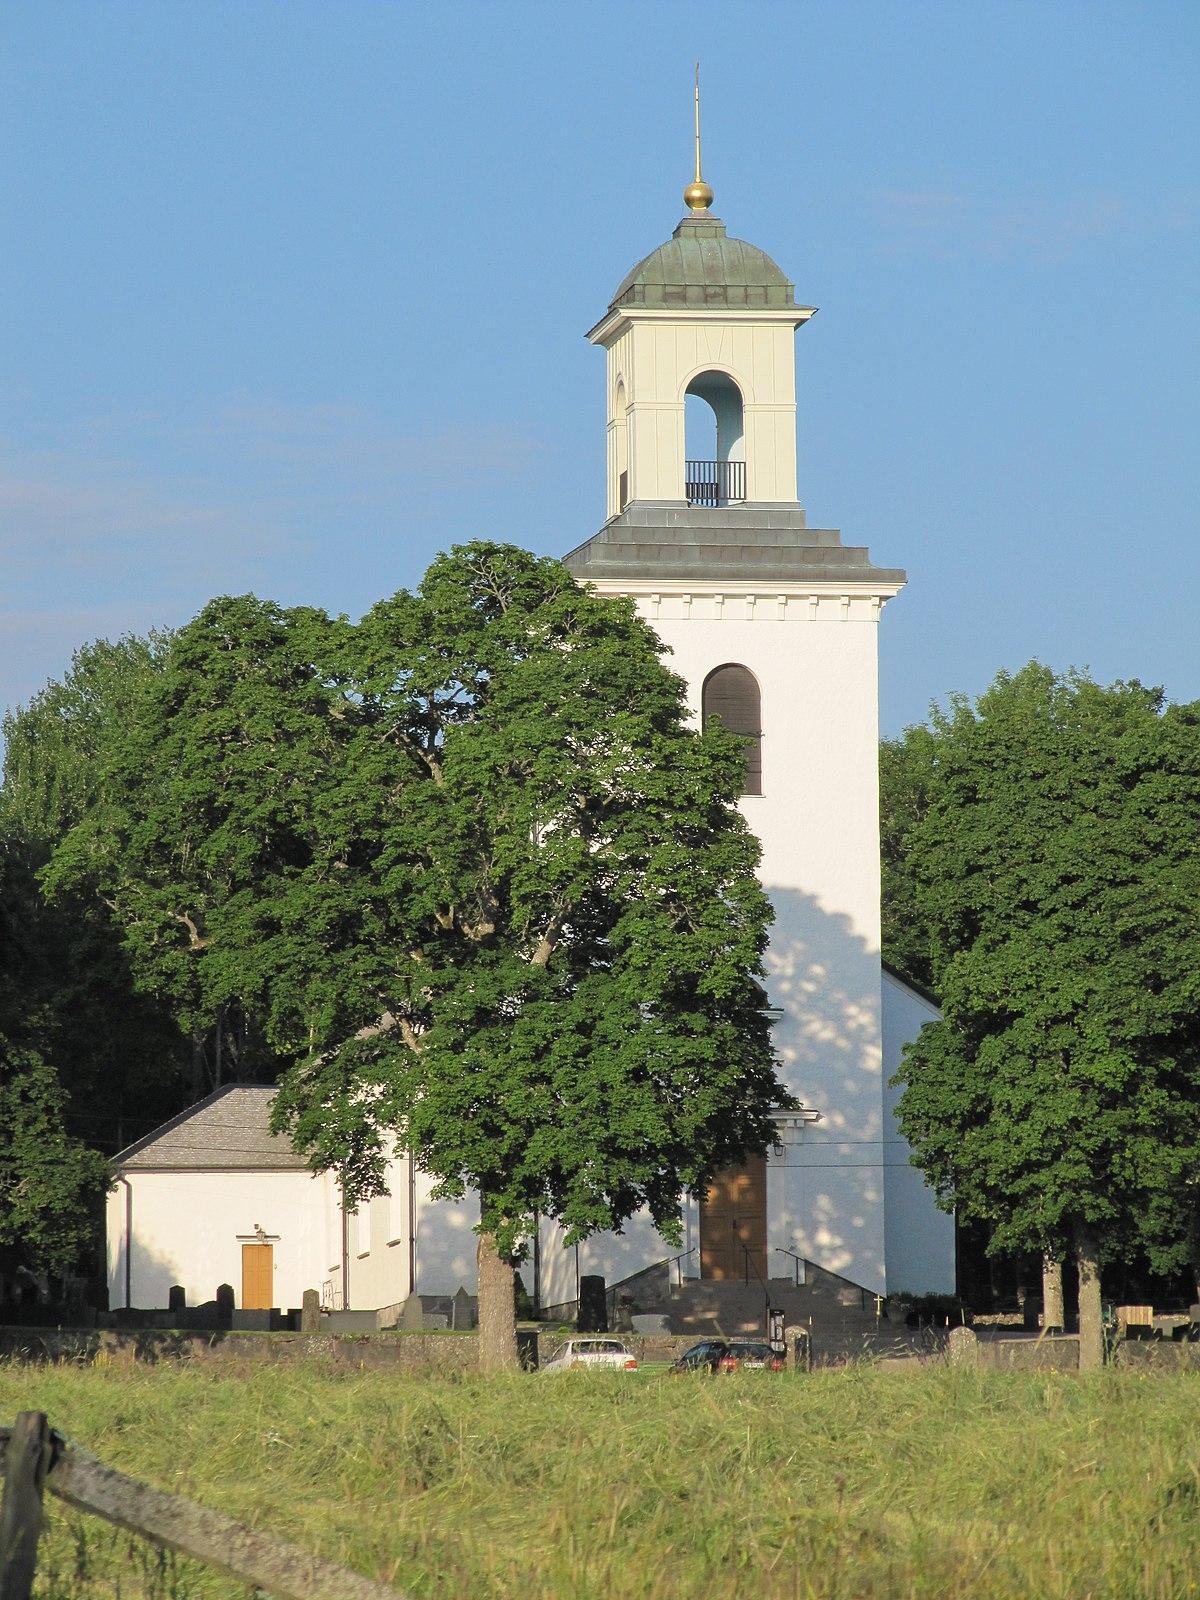 Asa kyrka u2013 Wikipedia